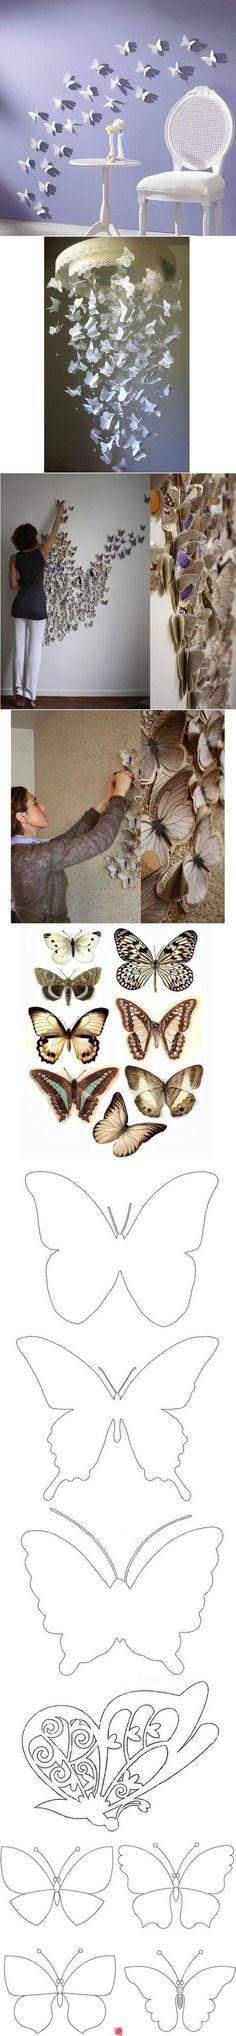 Molde para borboletas de papel.